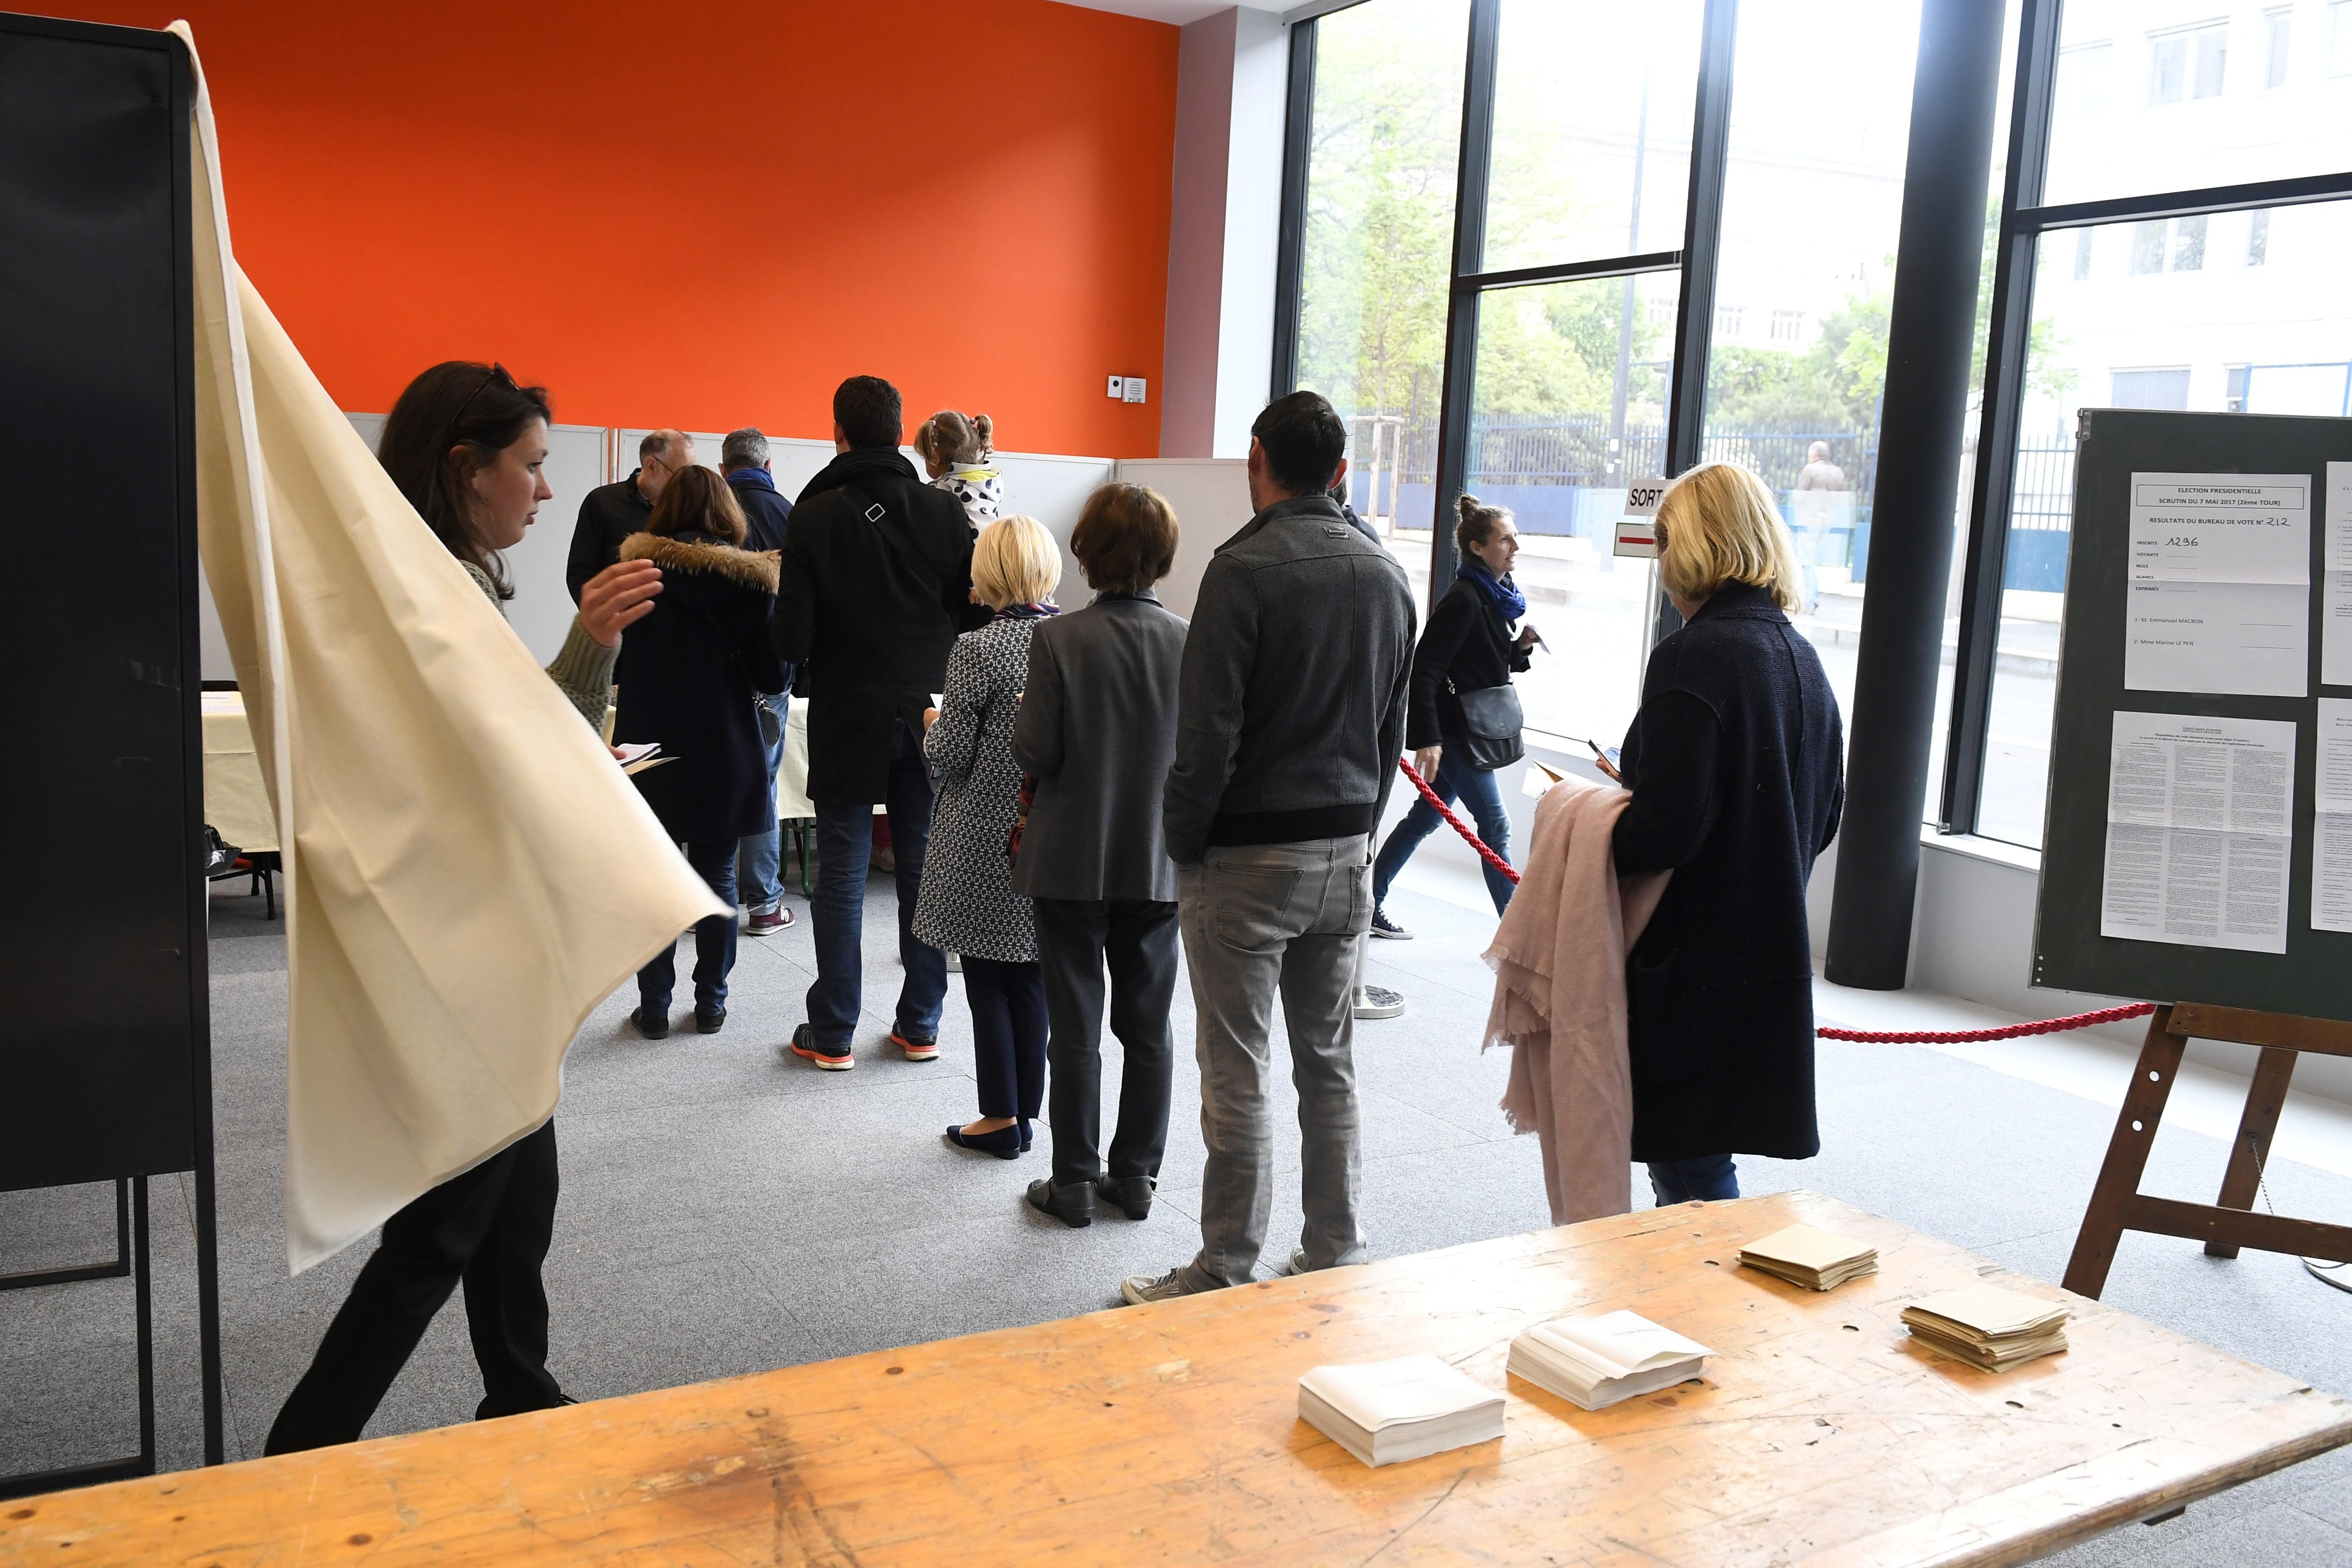 Essonne: un homme de 89 ans meurt dans un bureau de vote